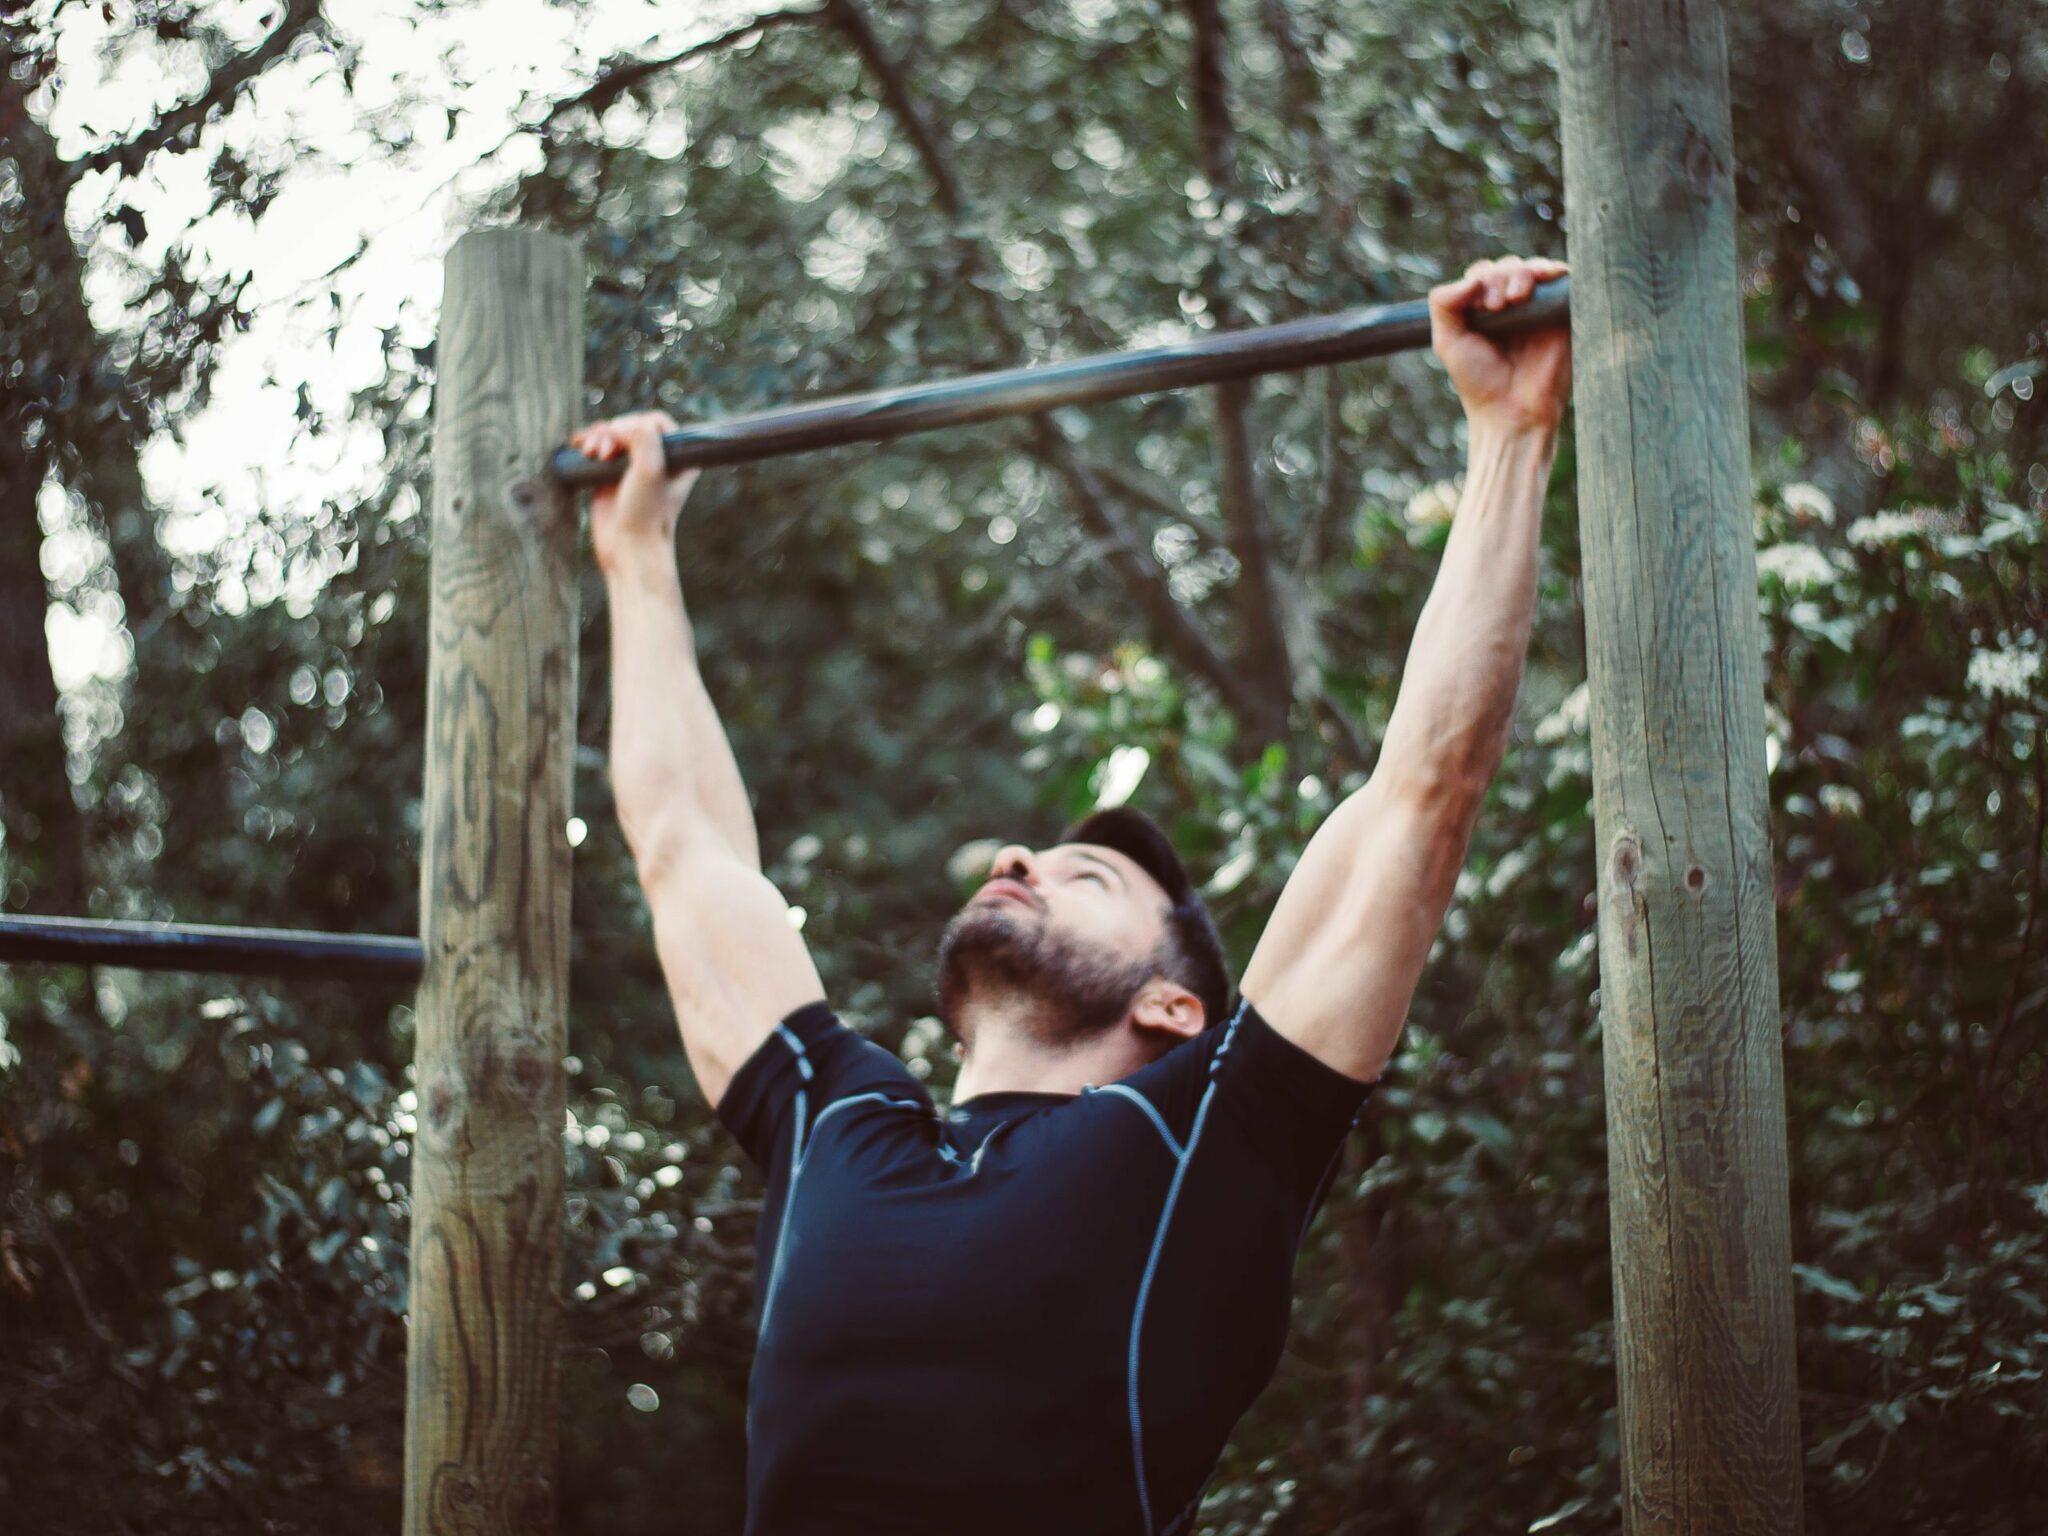 parcours de santé exercice